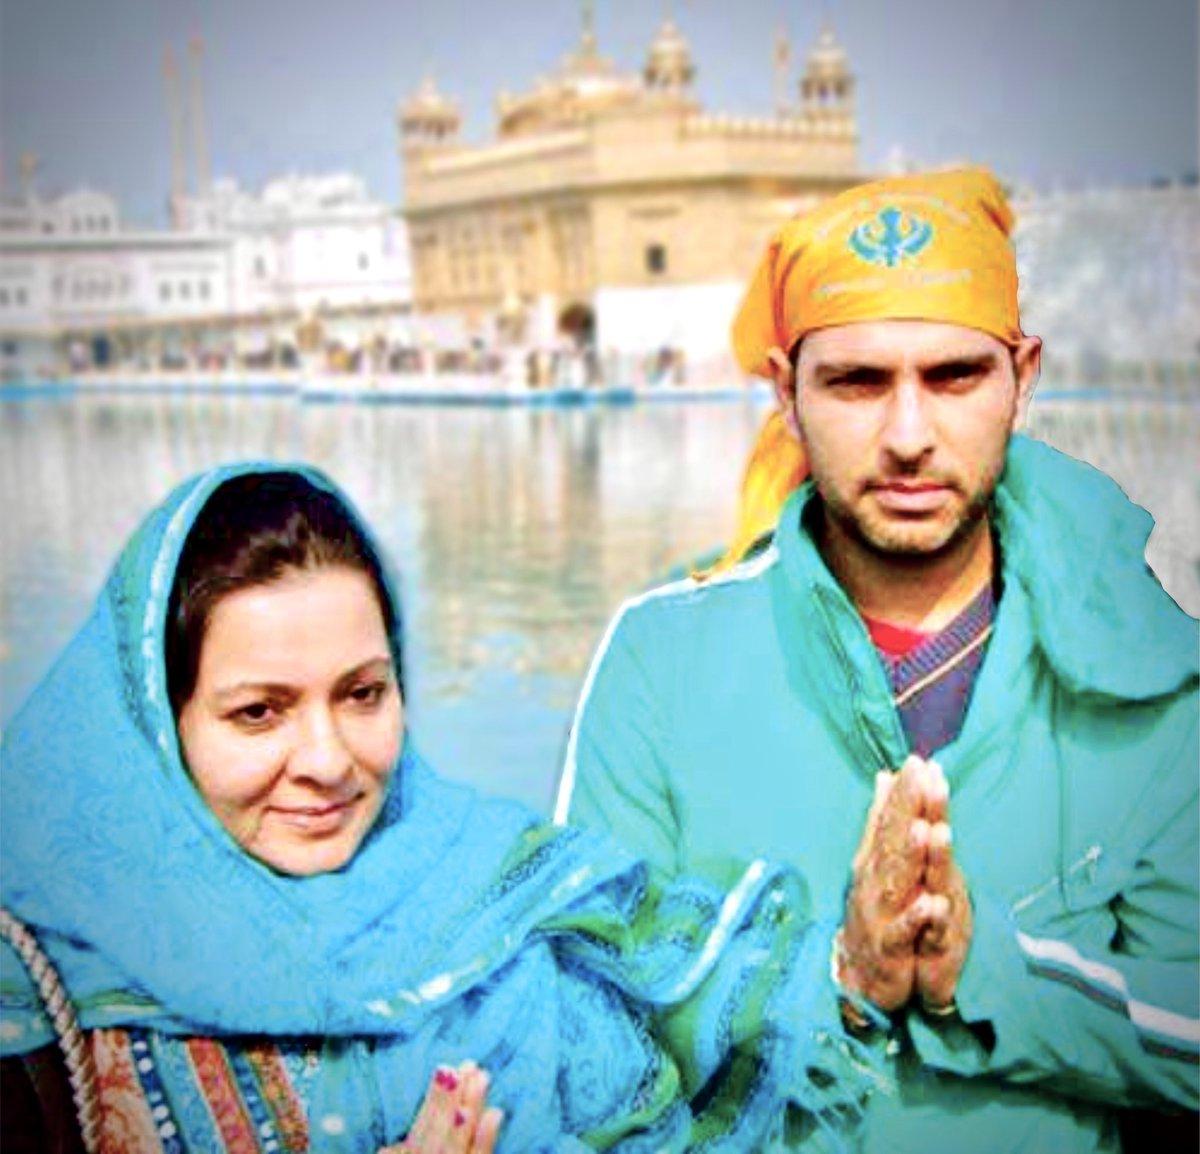 ਤੂ ਠਾਕੁਰੁ ਤੁਮ ਪਹਿ ਅਰਦਾਸਿ ॥ ਜੀਉ ਪਿੰਡੁ ਸਭੁ ਤੇਰੀ ਰਾਸਿ ॥ ਤੁਮ ਮਾਤ ਪਿਤਾ ਹਮ ਬਾਰਿਕ ਤੇਰੇ ॥ ਤੁਮਰੀ ਕ੍ਰਿਪਾ ਮਹਿ ਸੂਖ ਘਨੇਰੇ ॥ 🙏🏻  Wishing everyone a happy & blessed Gurpurab. Let's strive to imbibe Guru Nanak Dev Ji's values of togetherness, unity and love.  #HappyGurpurab